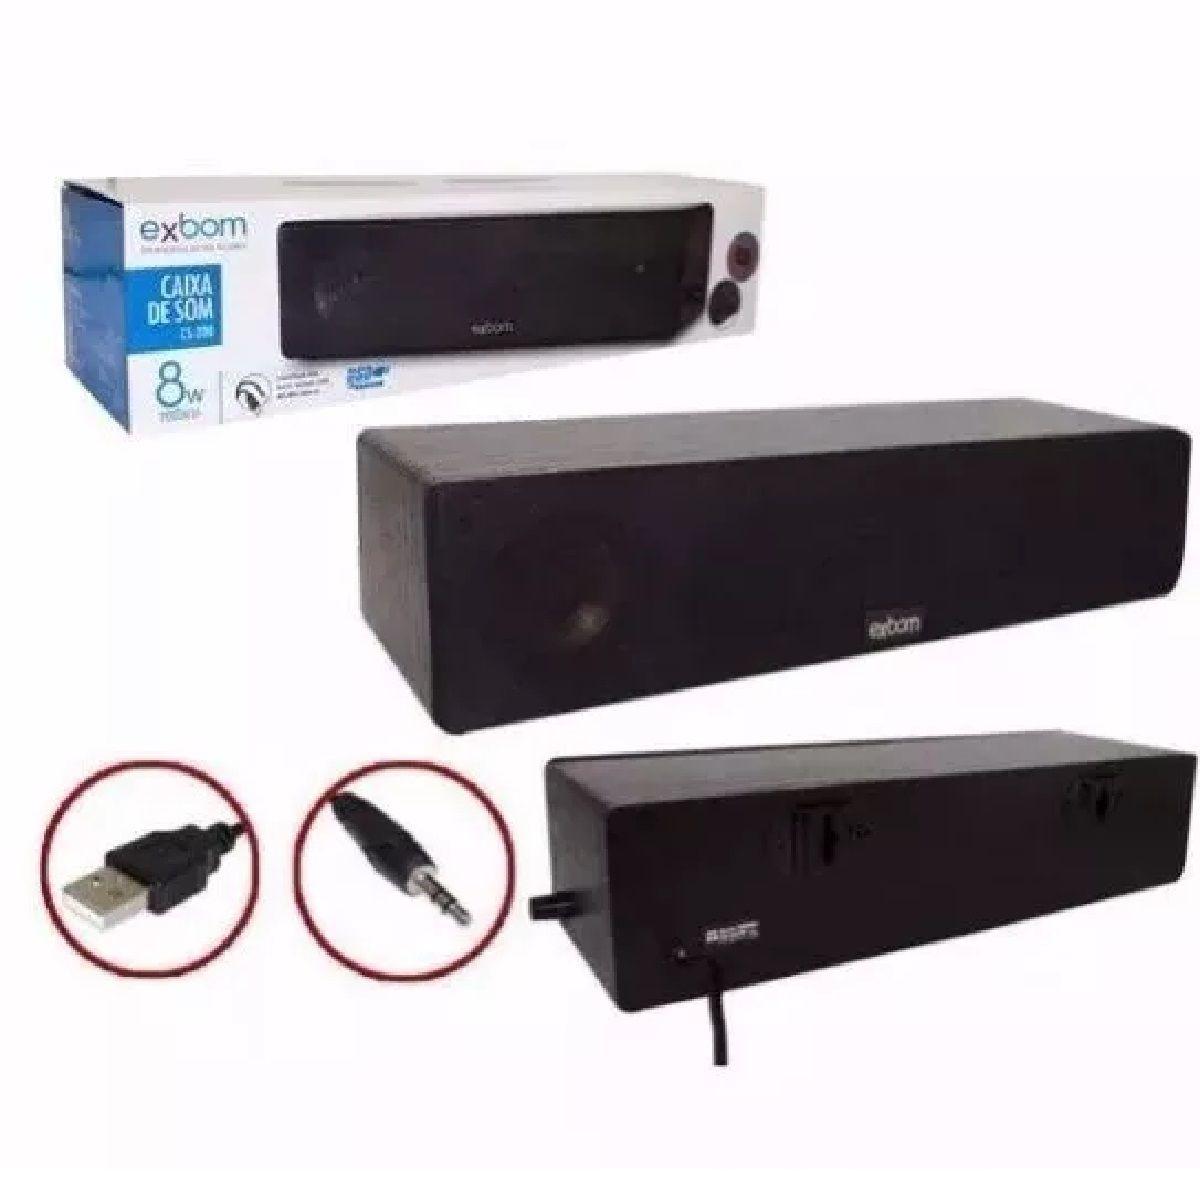 Caixa de som Sound Bar 8W em madeira com Bass de parede para televisão e computadores USB